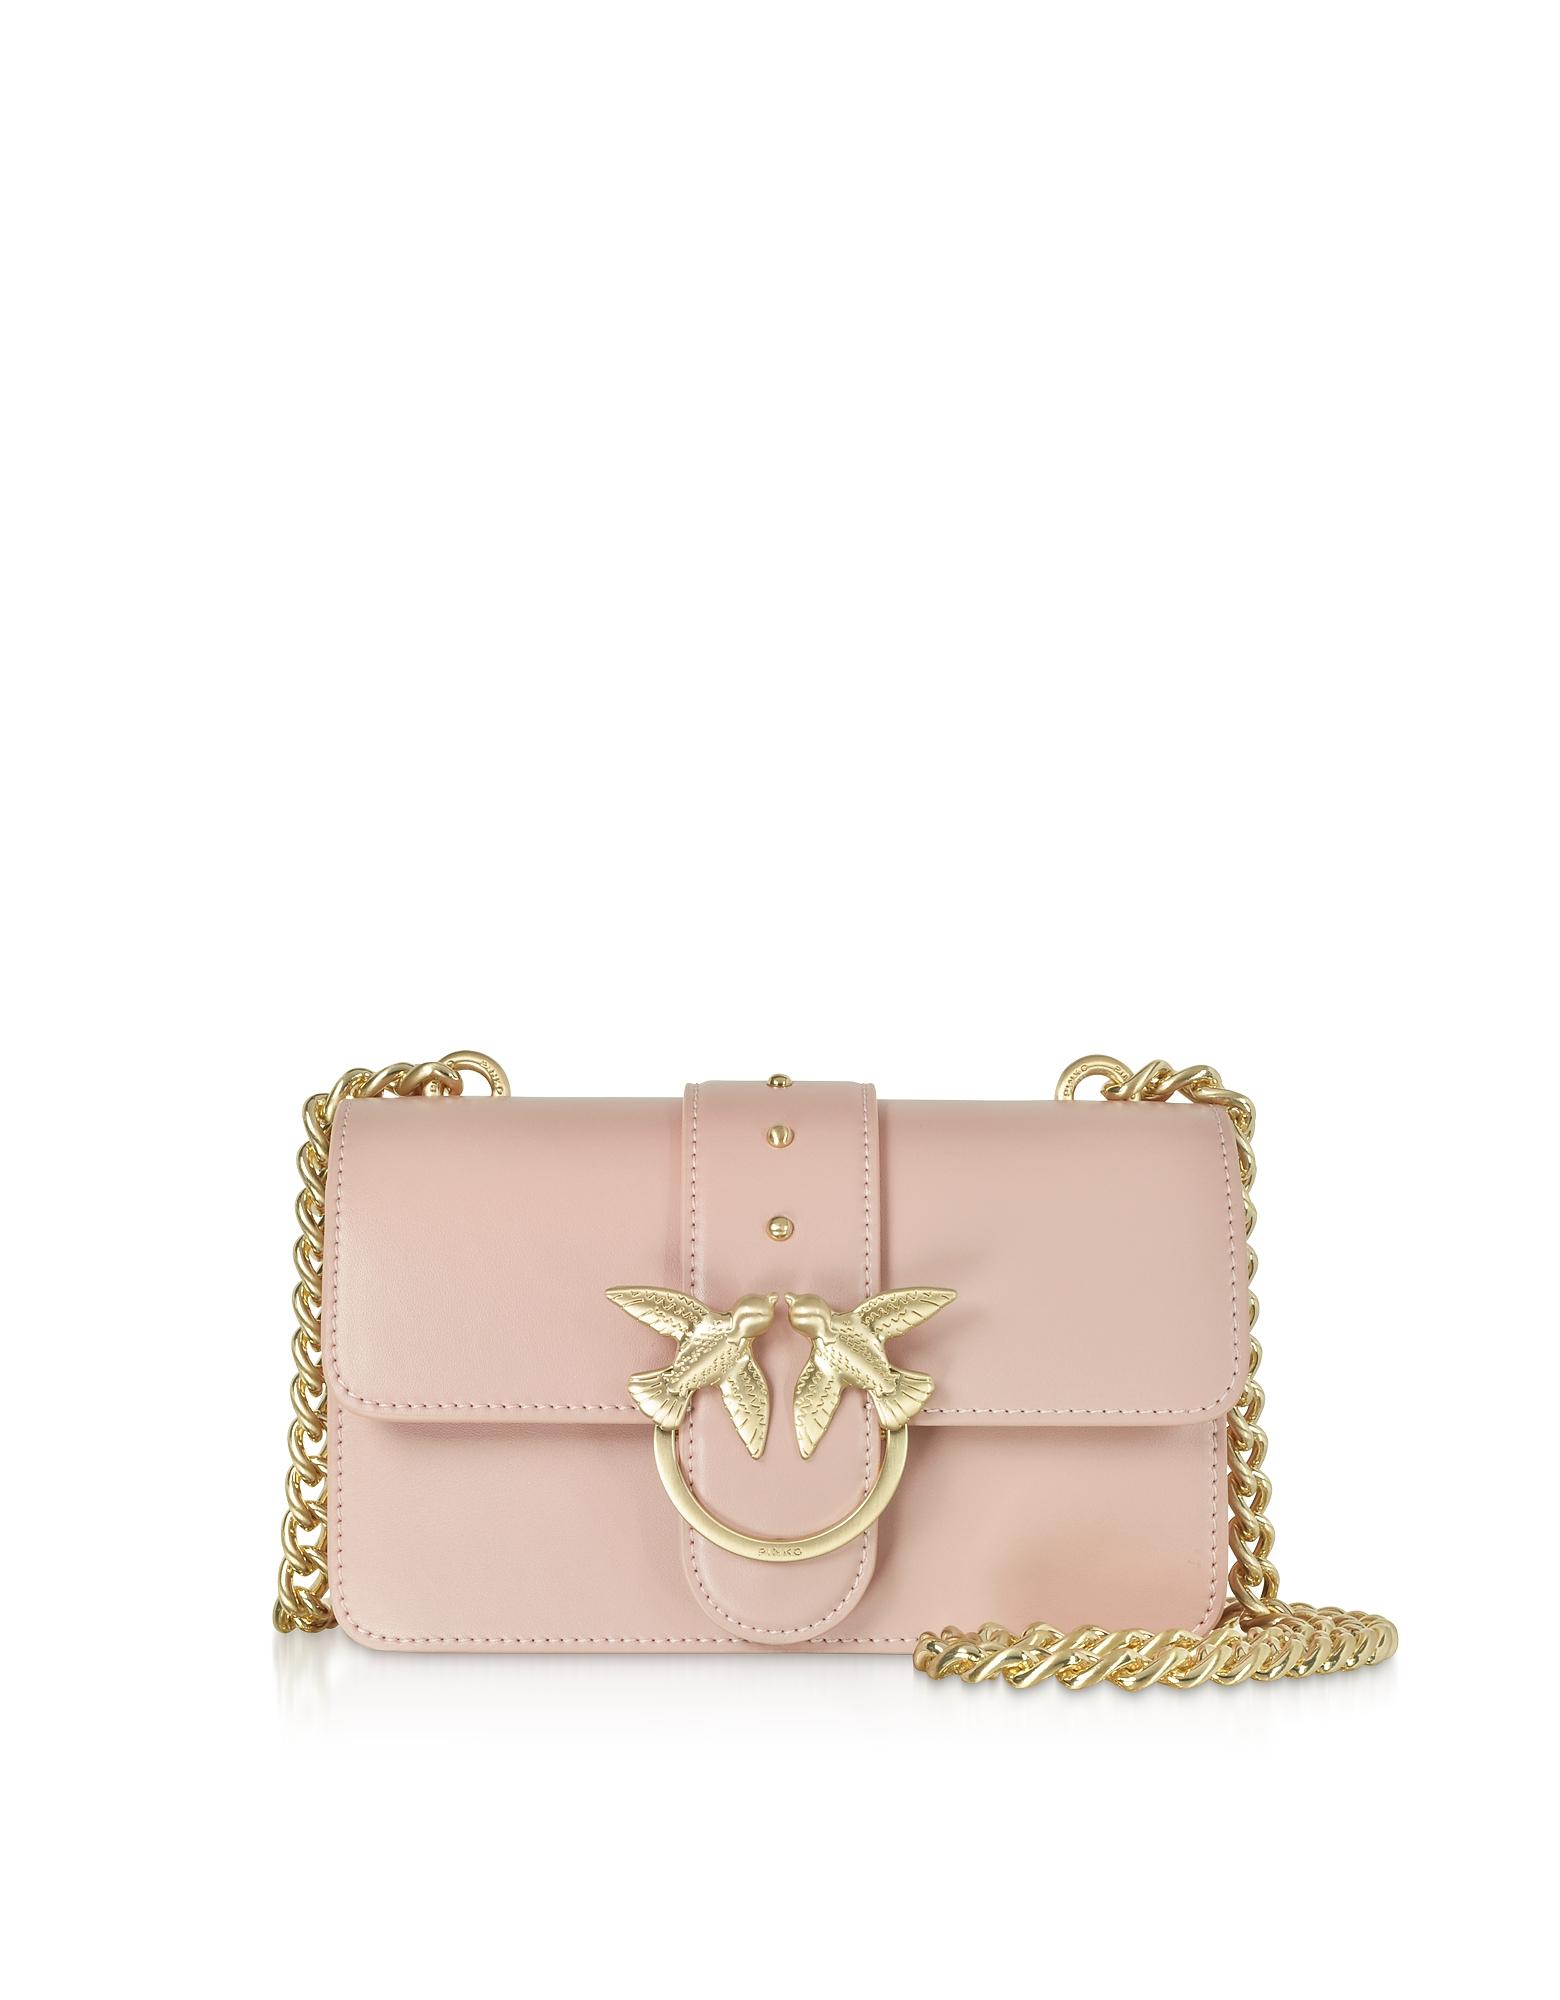 Mini Love Crossbody Bag